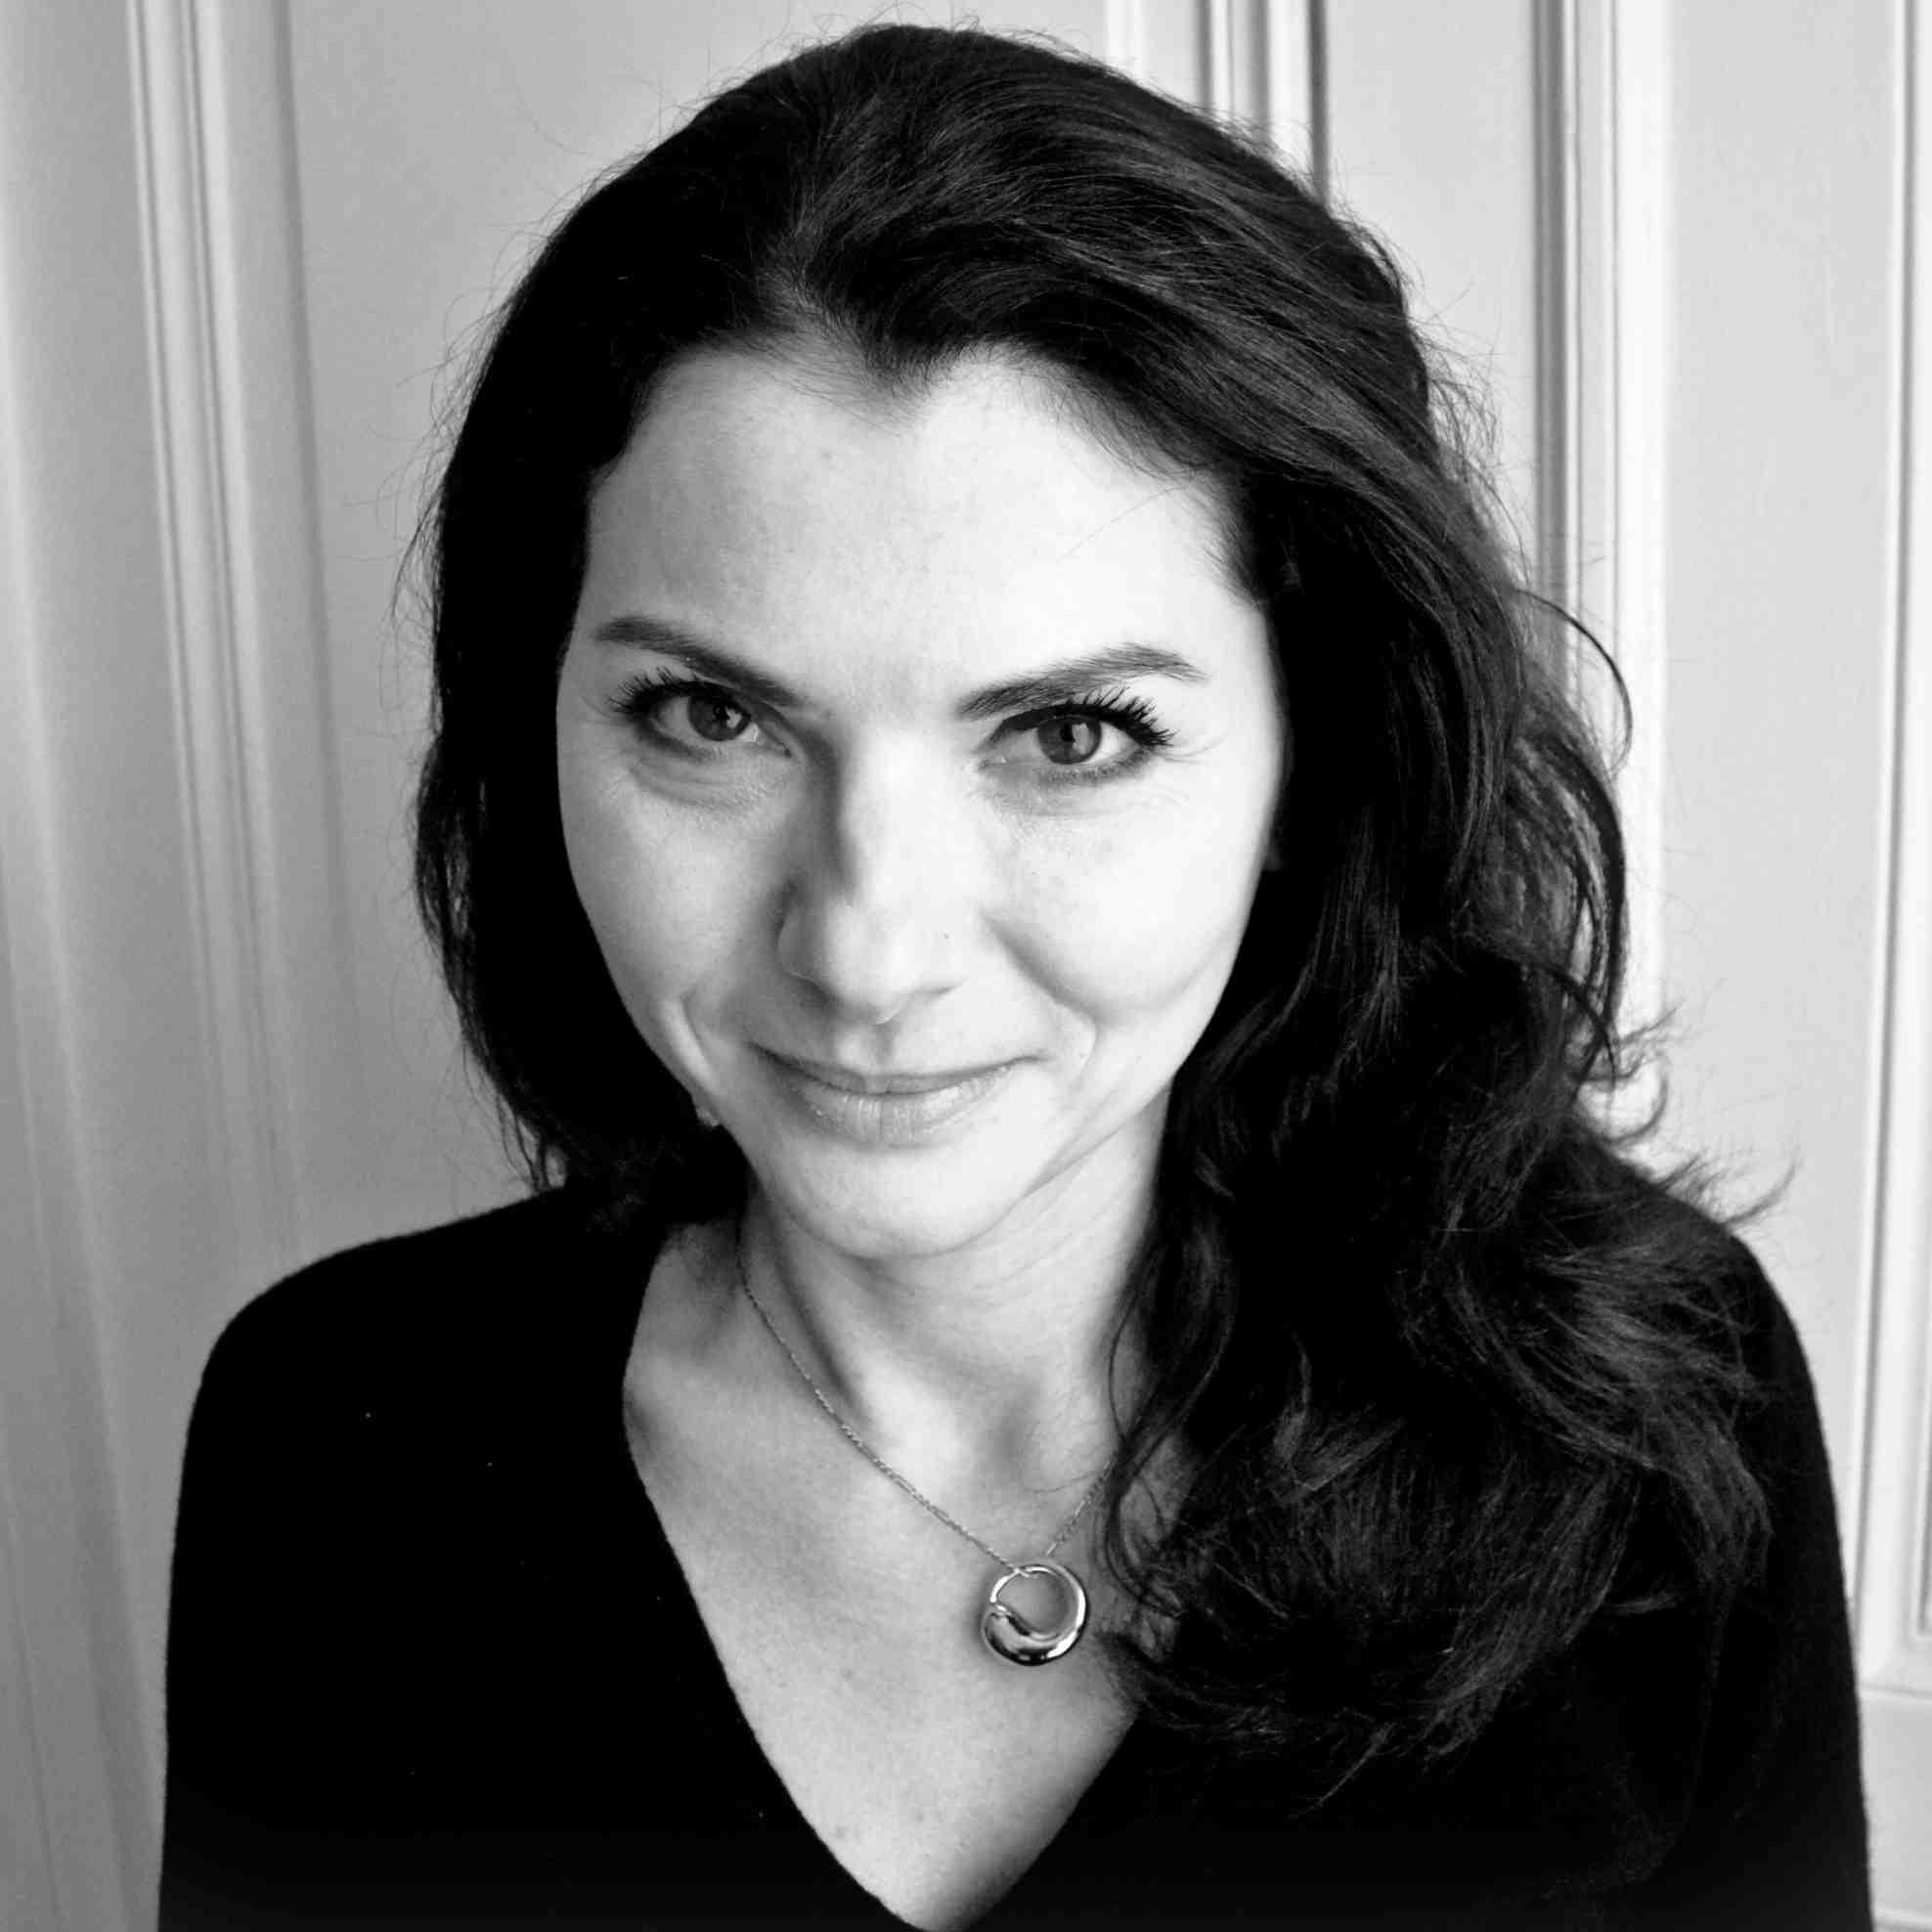 Conversamos con Virginie Berger sobre el papel de la mujer en la industria musical